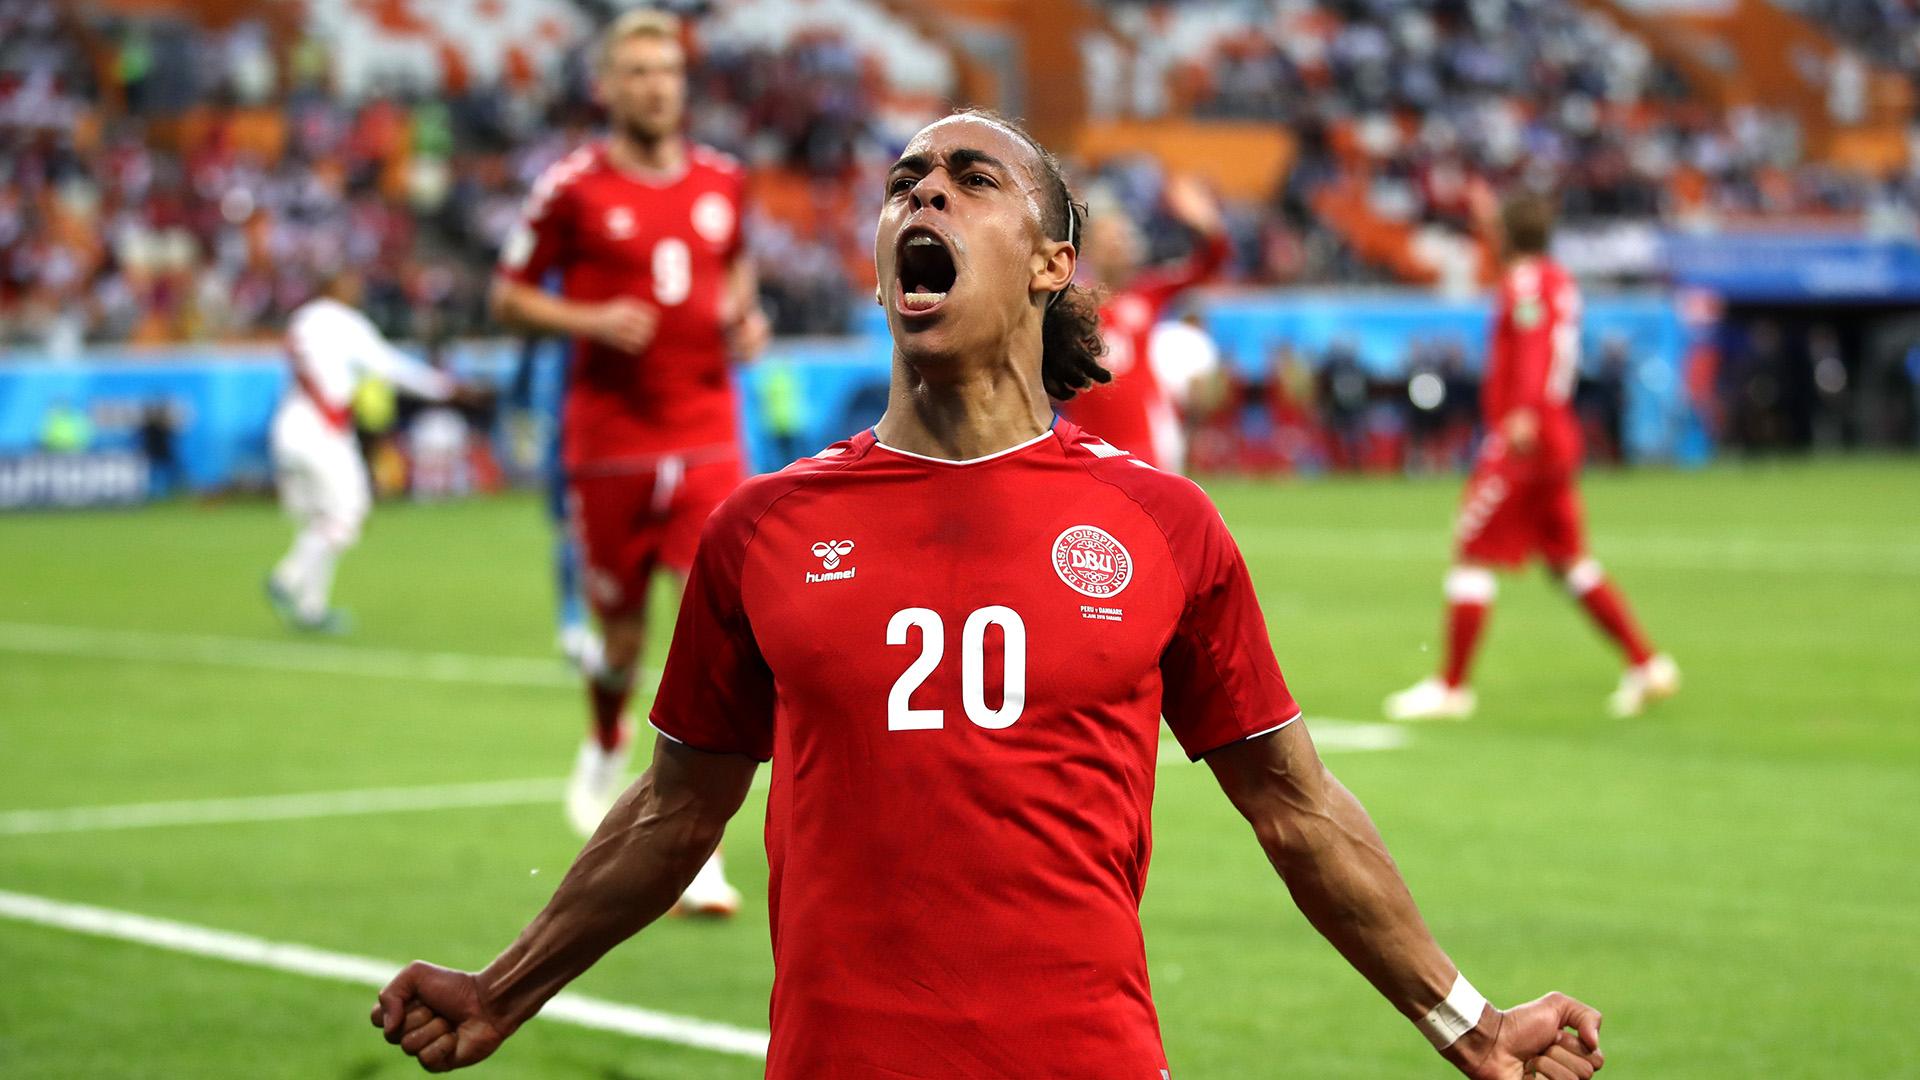 Yussuf Poulsen Peru Denmark World Cup 2018